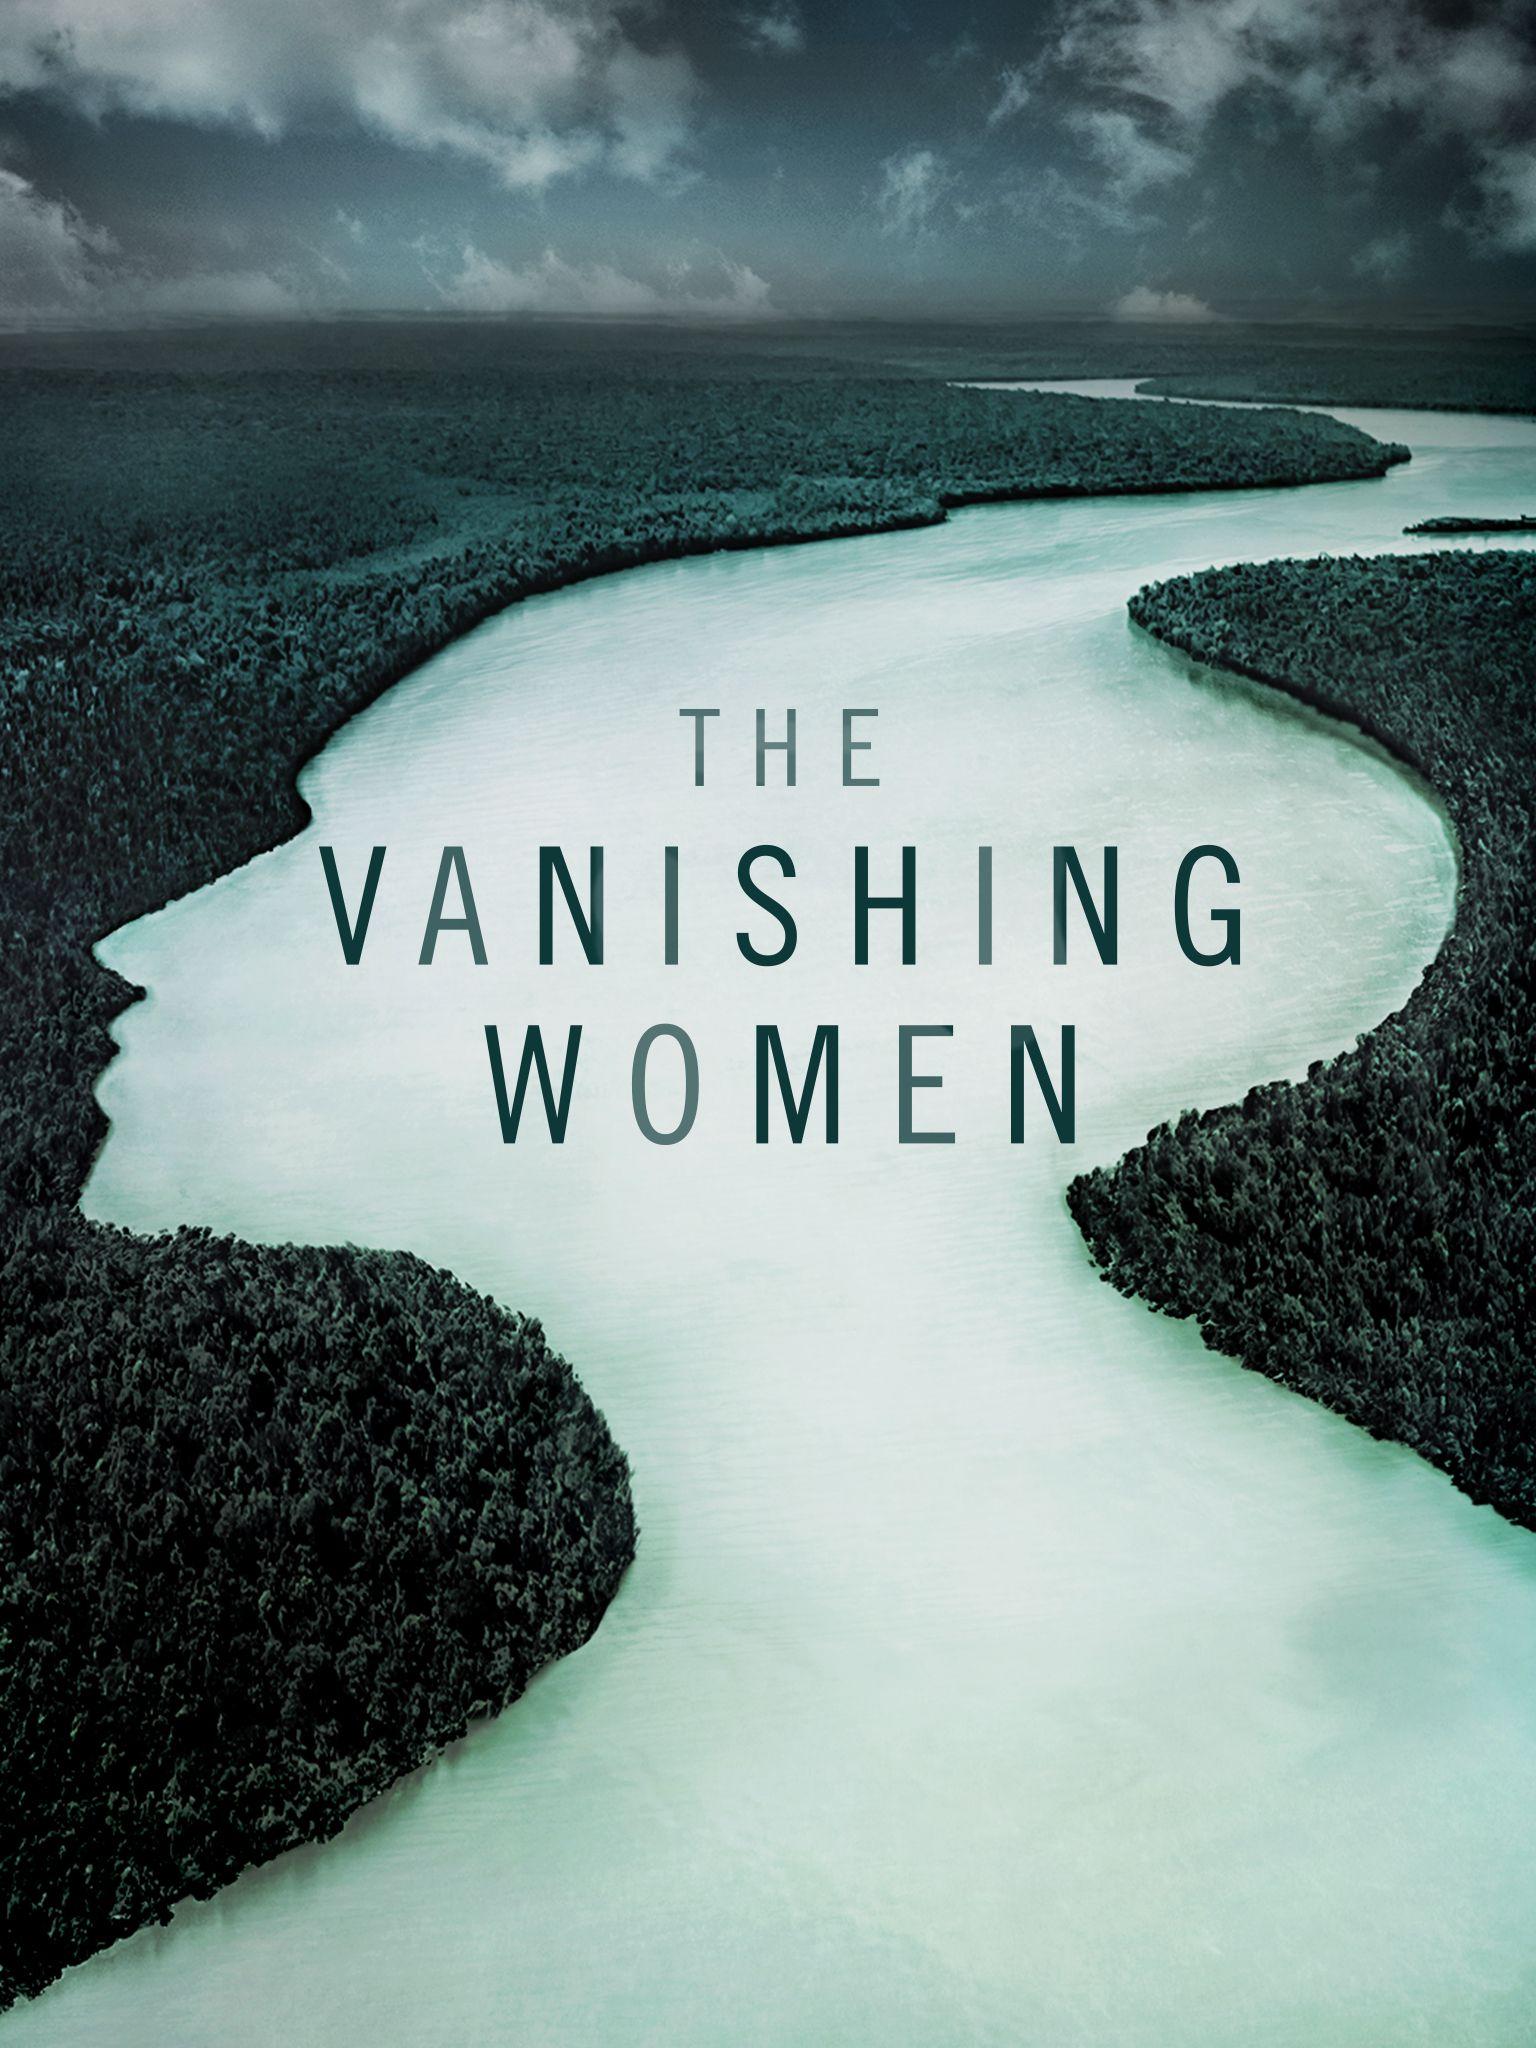 The Vanishing Women.jpg